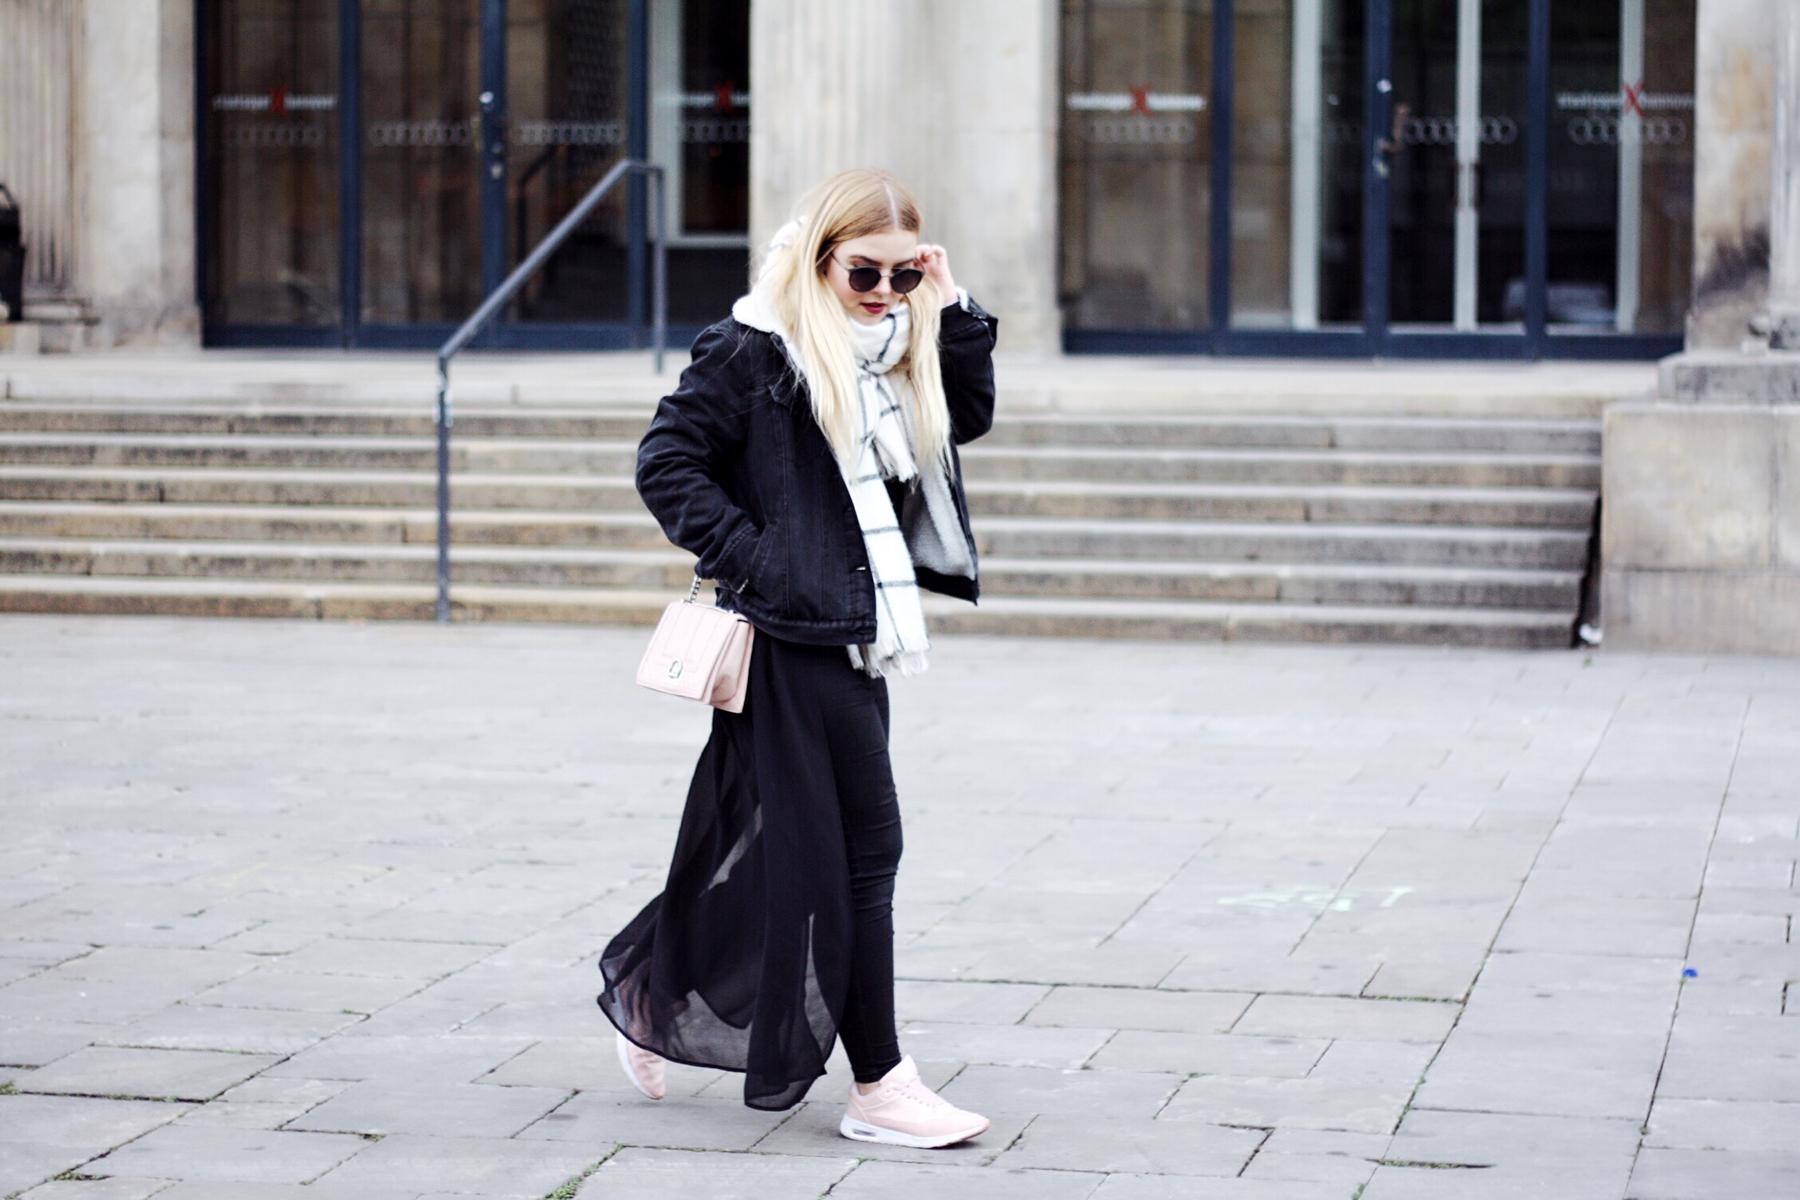 itsgoldie_its_goldie_fashionblog_hannover_fashionblogger_herbstlook_herbst_outfit_layering_gemütlich_braunschweig_peine_blogger_ootd